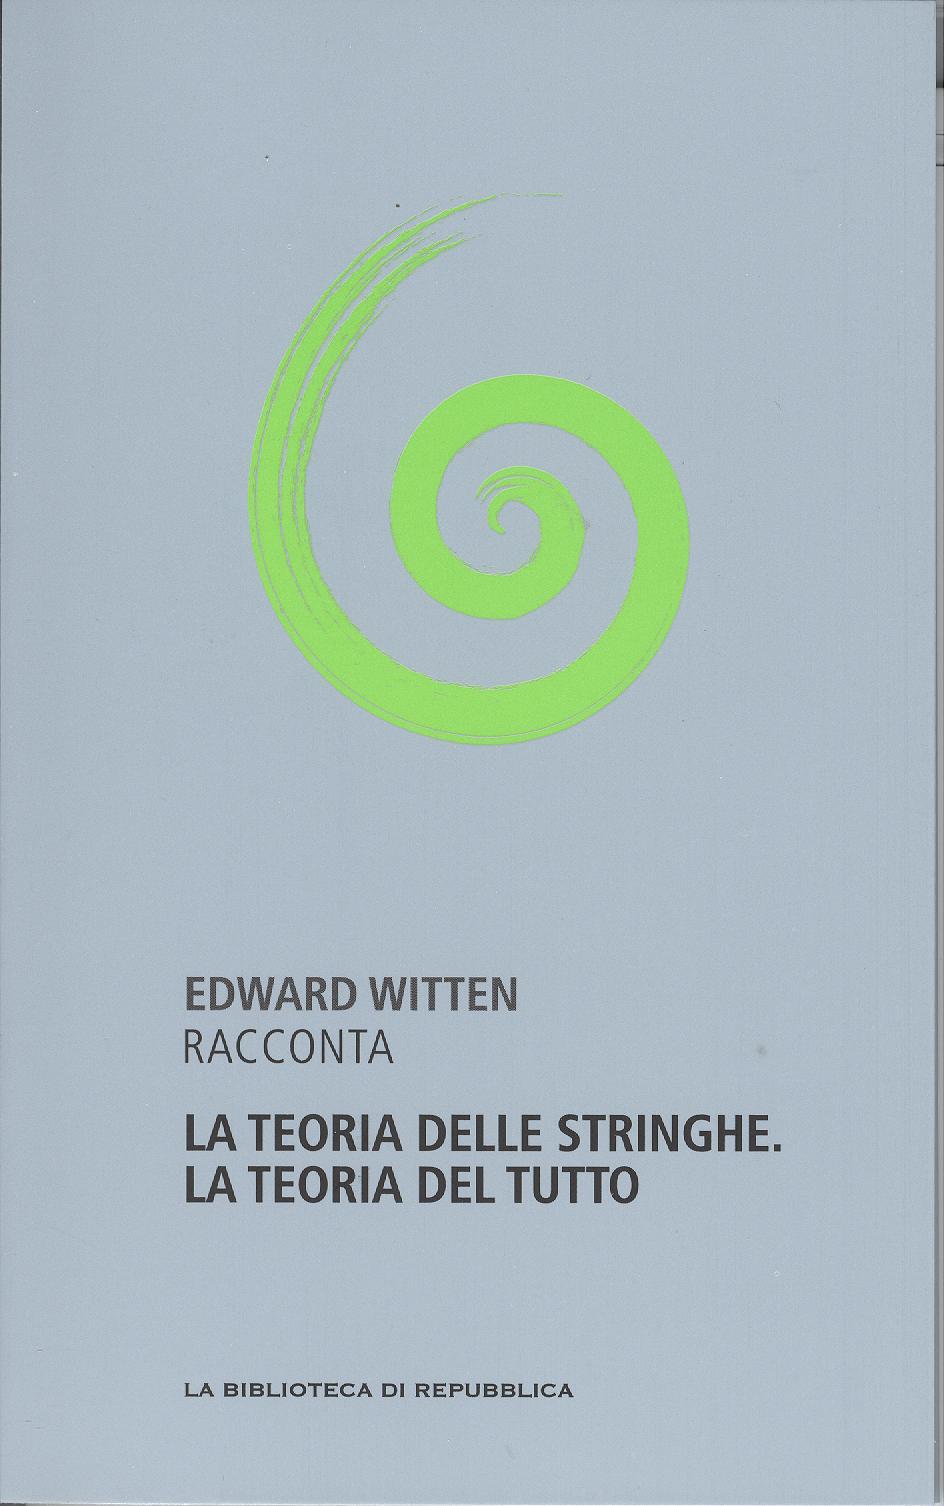 Edward Witten raccon...